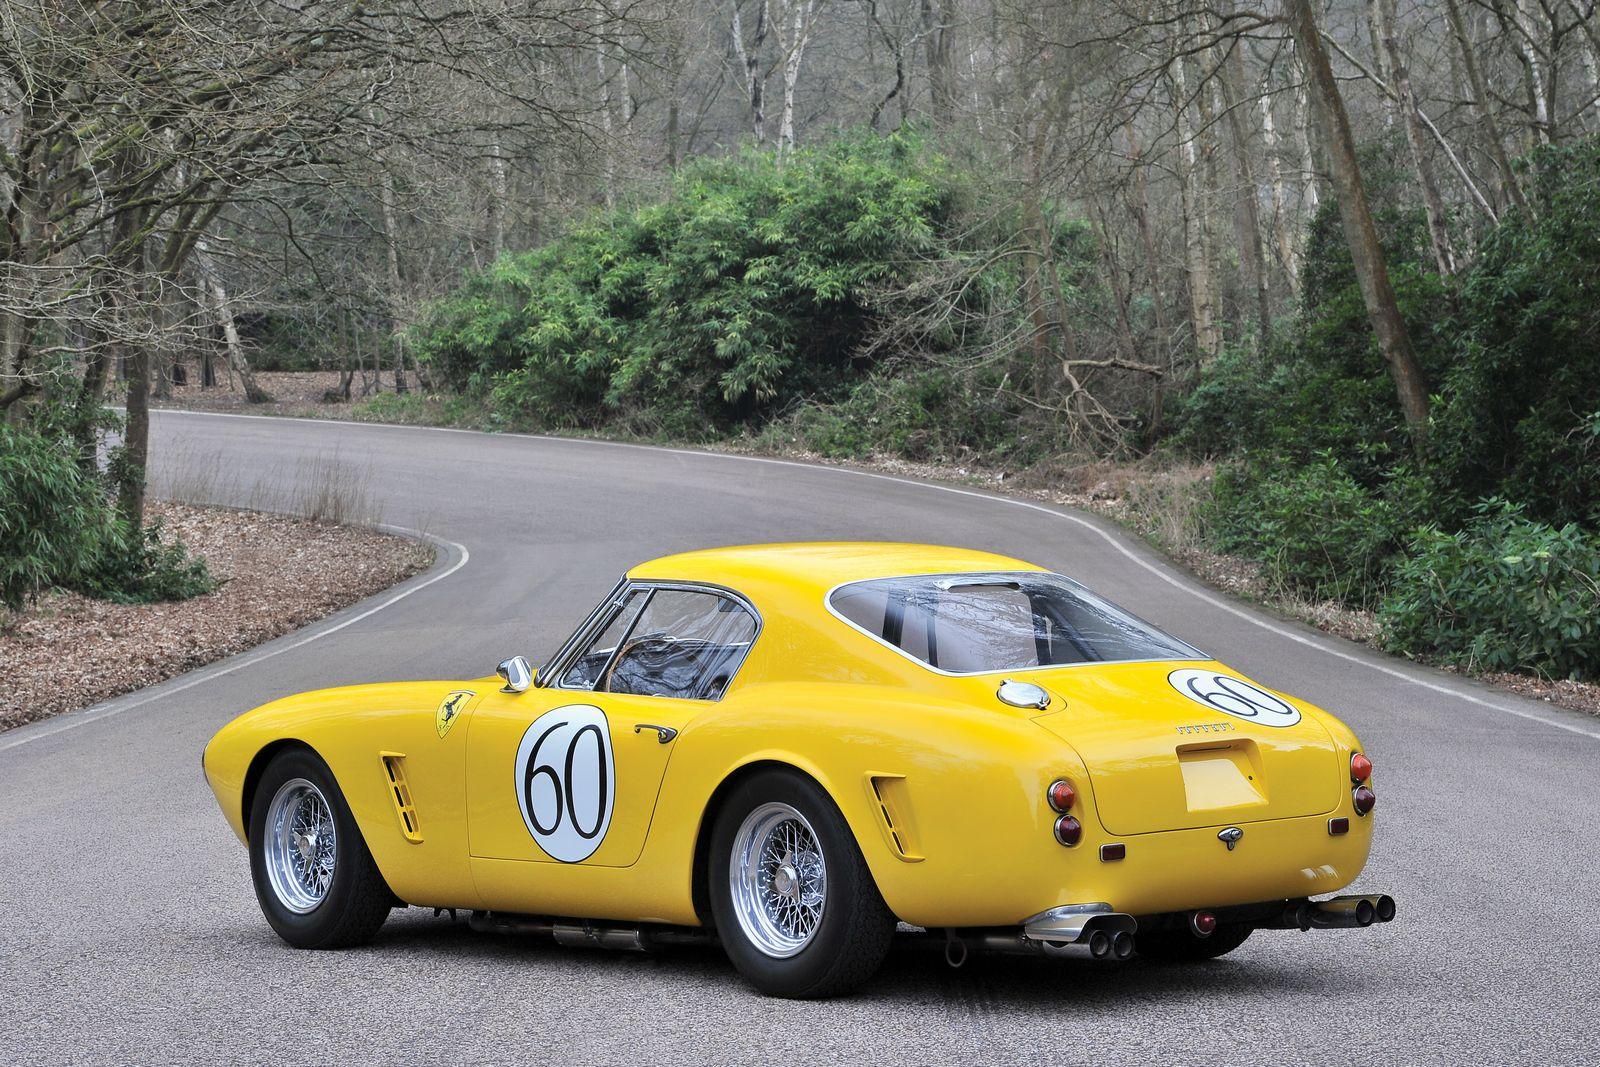 Rare 1960 Ferrari 250 Gt Swb Berlinetta Competizione Going